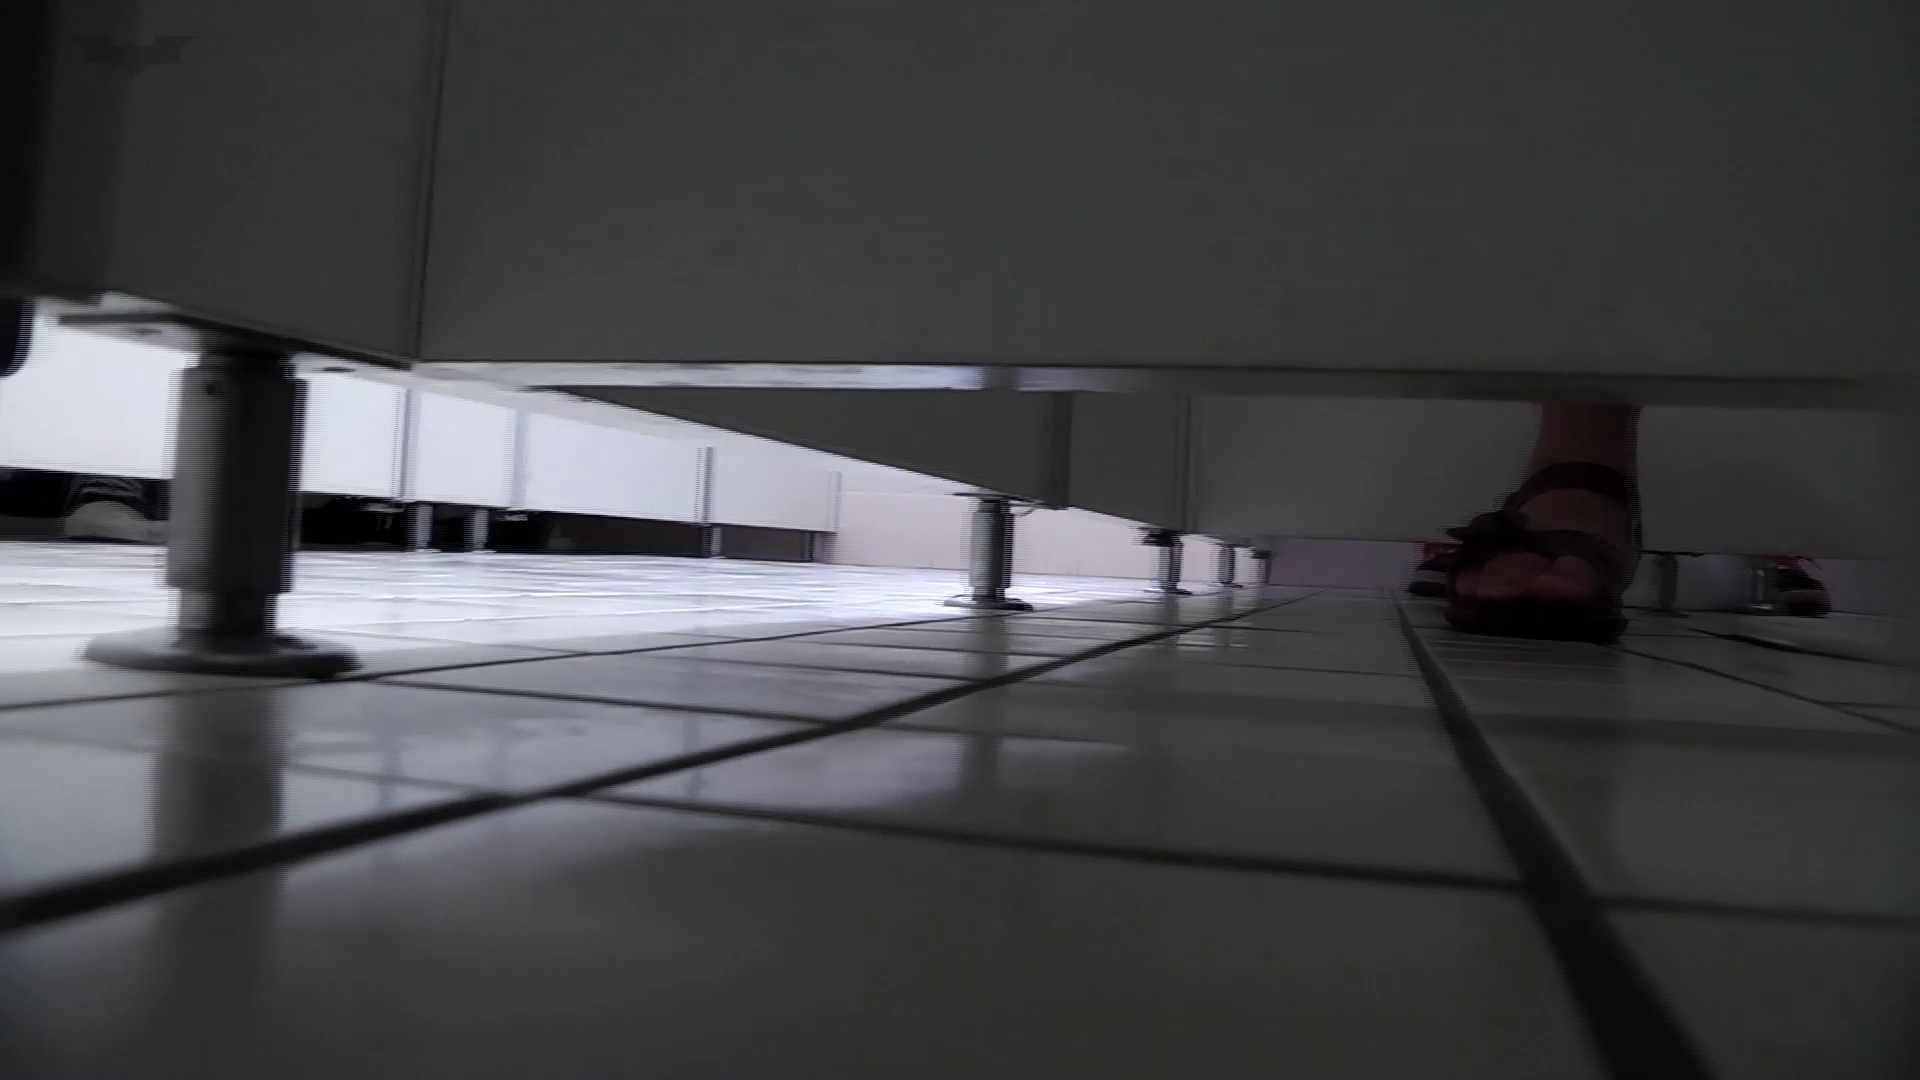 無修正エロ動画|美しい日本の未来 No.26 美女偏差値オール90|怪盗ジョーカー